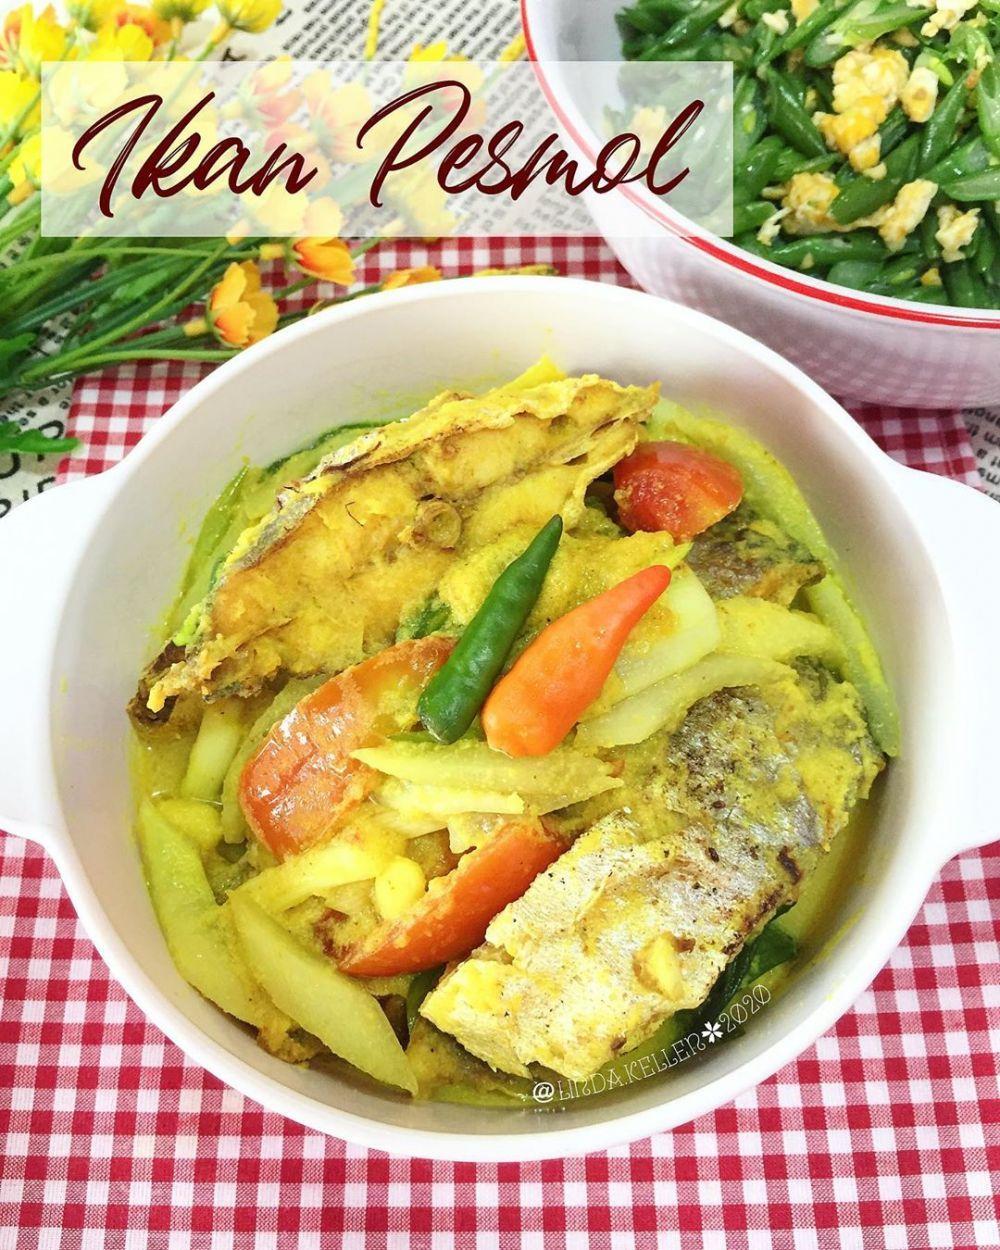 Resep Pesmol Ikan C 2020 Brilio Net Di 2020 Resep Makanan Sehat Resep Masakan Makanan Sehat